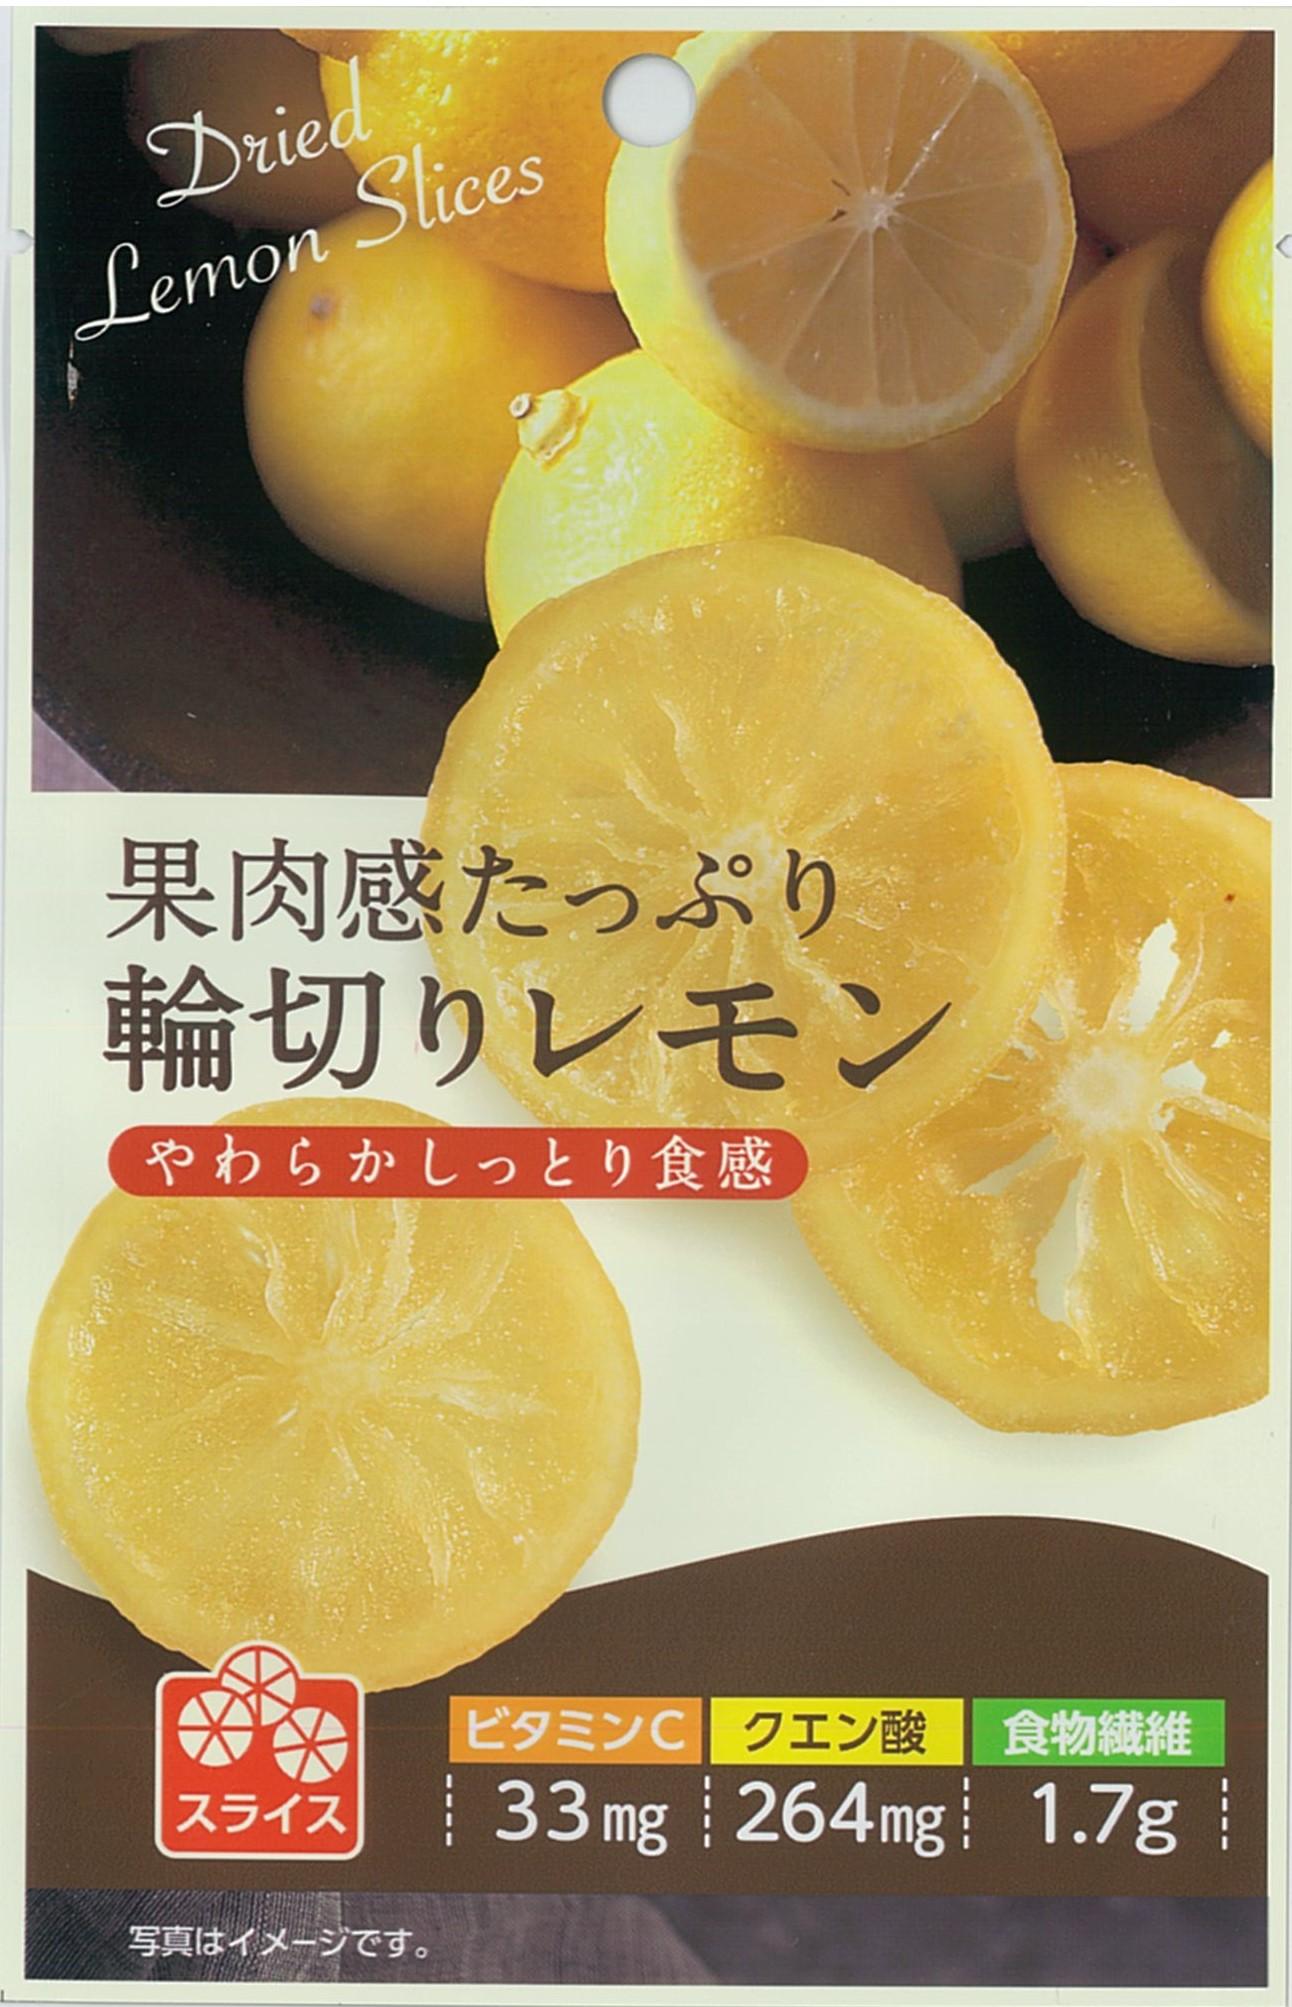 果肉感たっぷり輪切りレモン